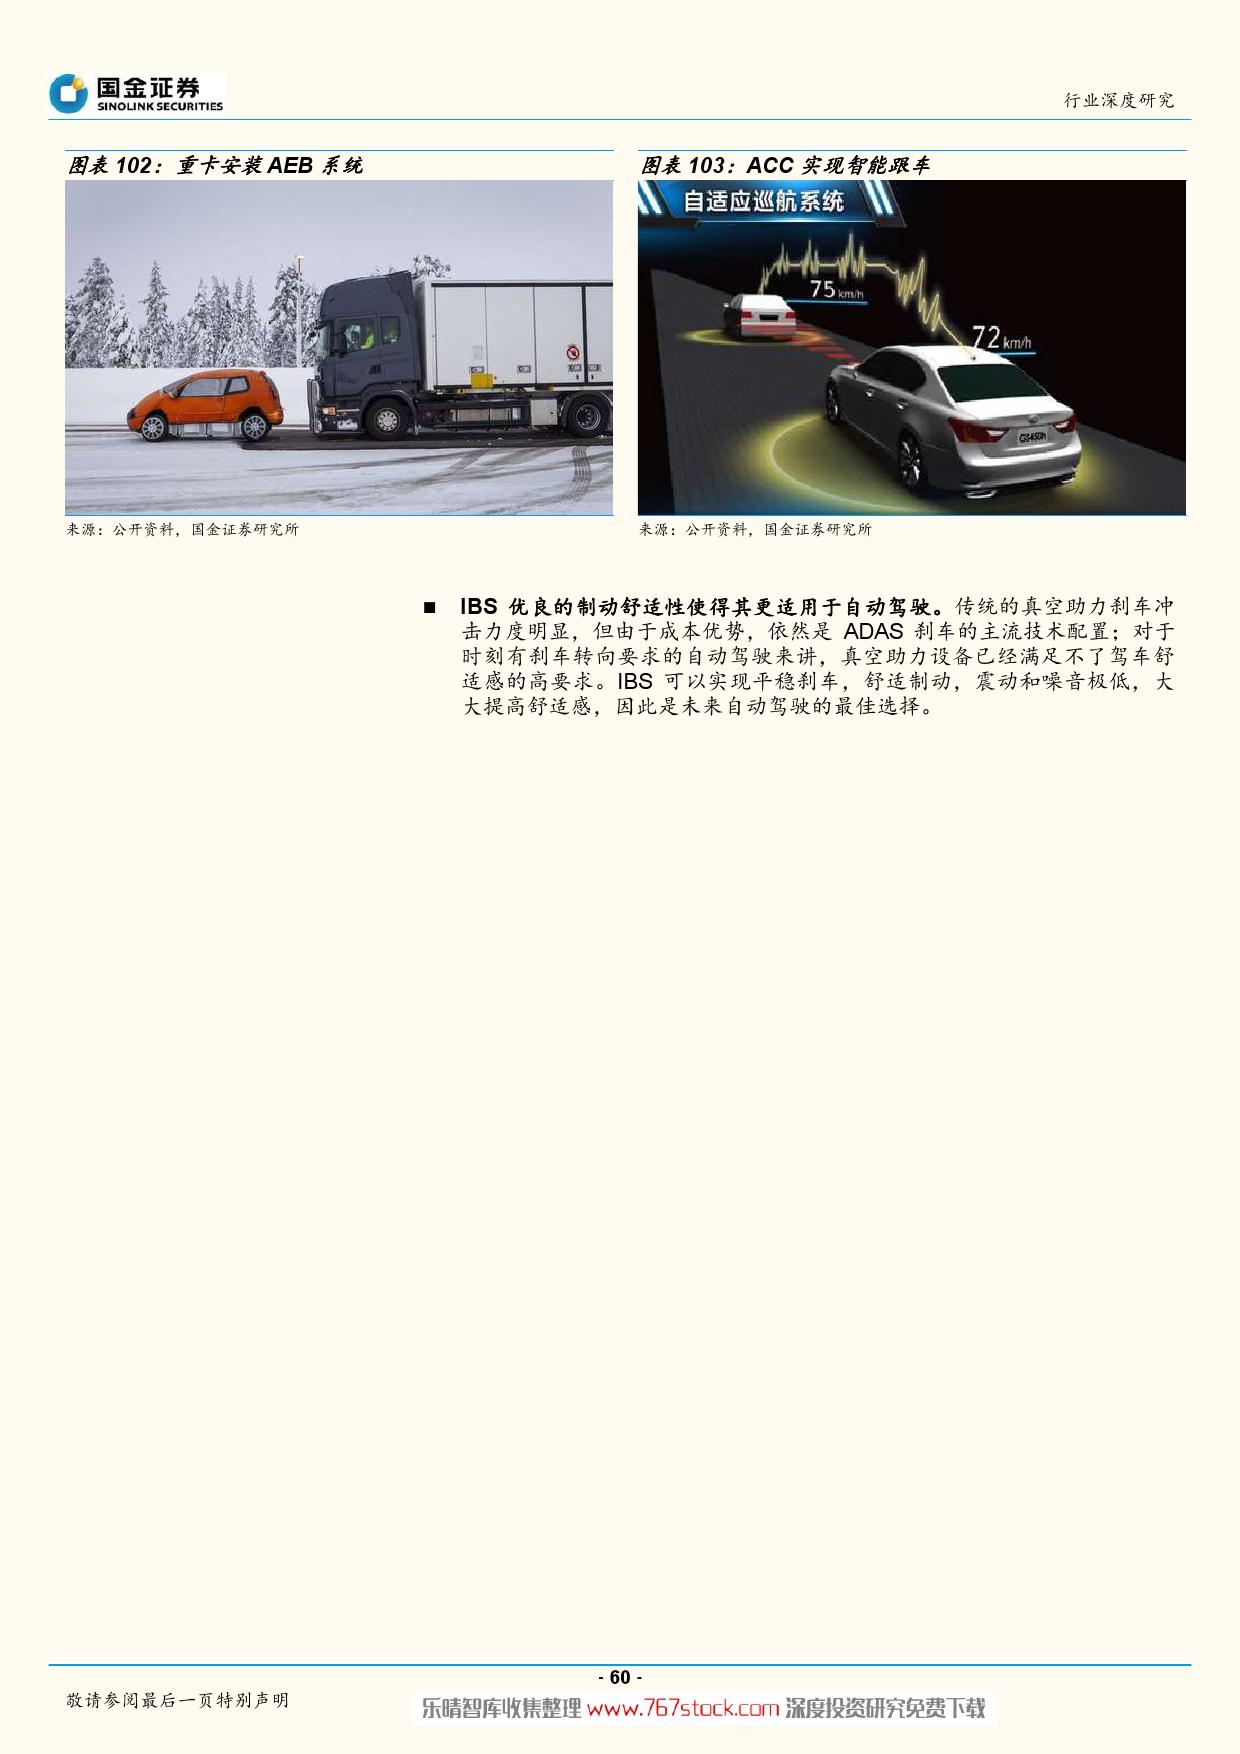 特斯拉产业系列深度报告-智能驾驶爆发在即_000060